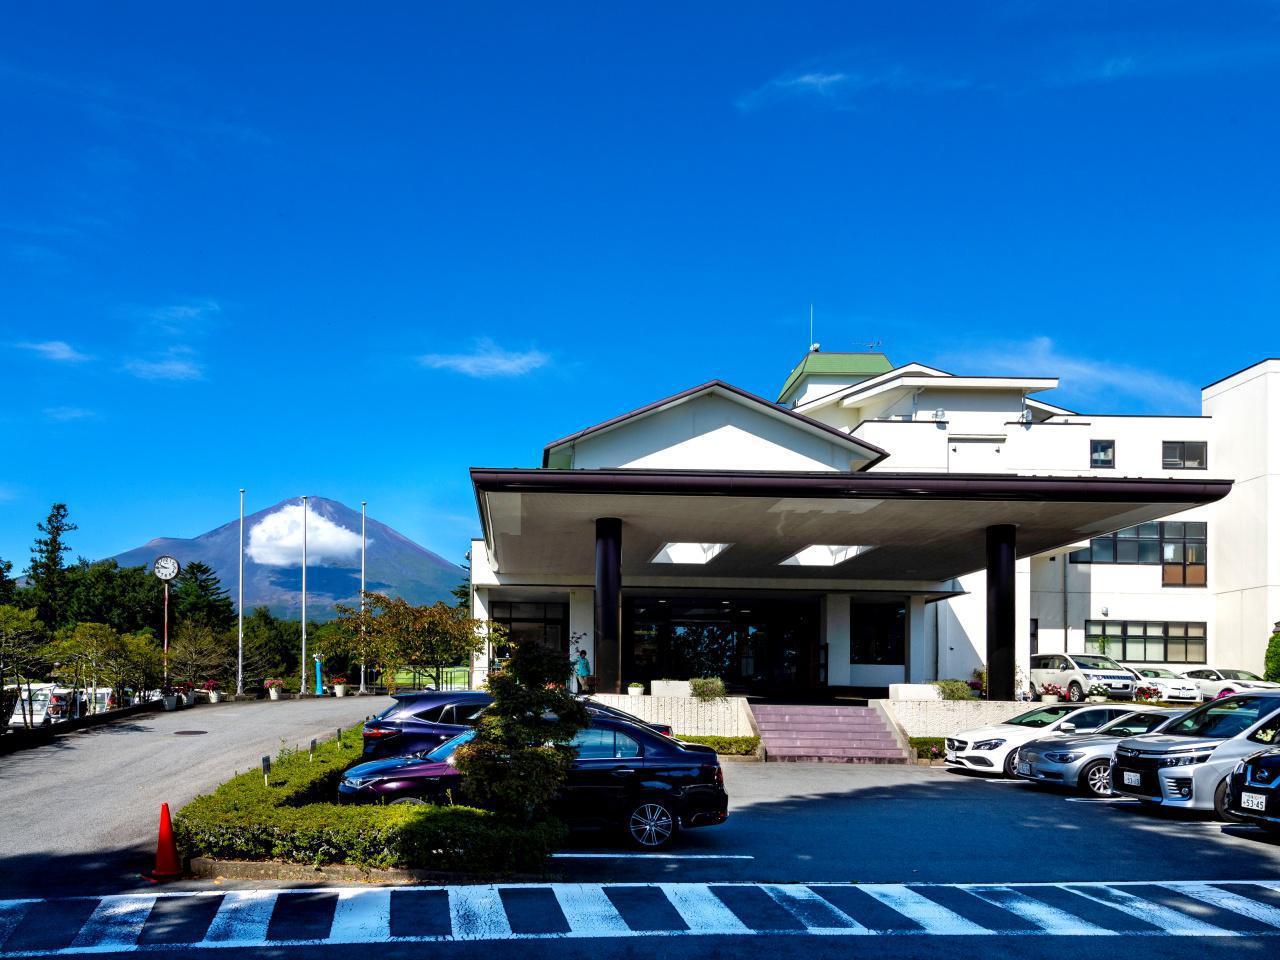 画像: 【ゴルフ会員権購入/その後のメンバーライフは?】富士平原ゴルフクラブ入会半年。ルーキーメンバーに聞きました - ゴルフへ行こうWEB by ゴルフダイジェスト